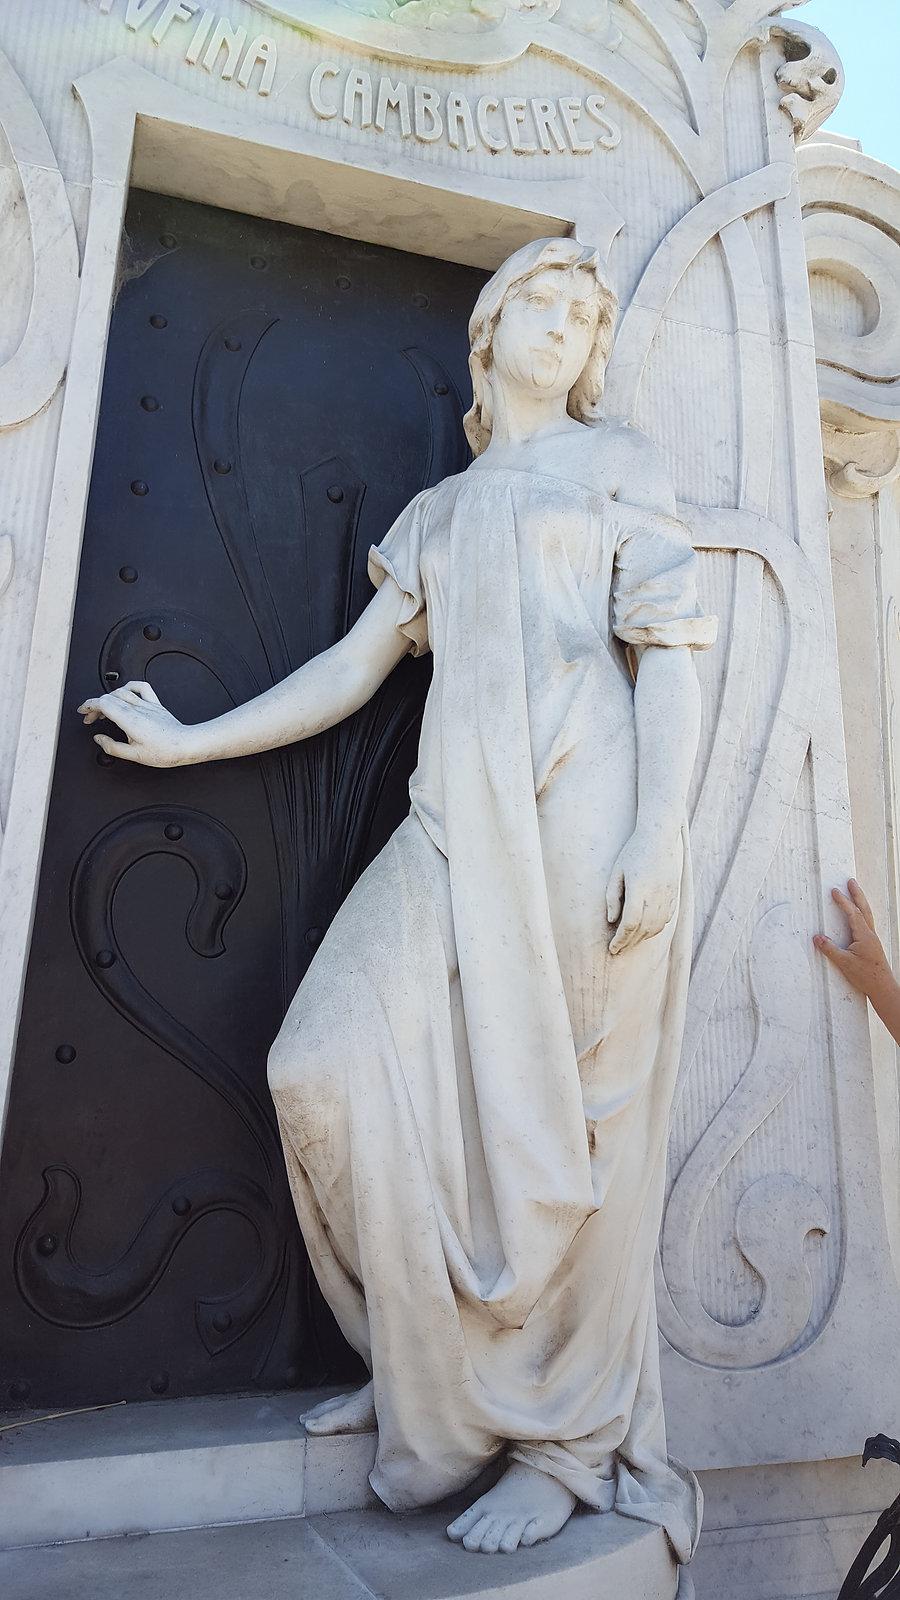 Tombe de Rufina Cambaceres_ photo de Rémy Jeune fille de 19 ans enterrée vivante par erreur suite à une crise d'apoplexie le jour de son anniversaire. Sa mère fit rouvrir sa tombe et constata qu'elle avait essayé de se libérer. Suite à cet incident, on décida d'accrocher une ficelle reliée à une cloche au poignet des personnes enterrées. Elle est représentée ici sortant de sa tombe car la légende dit que son fantôme se promène dans le cimetière et dans la ville de Buenos Aires. Elle est surnommée la dame blanche.